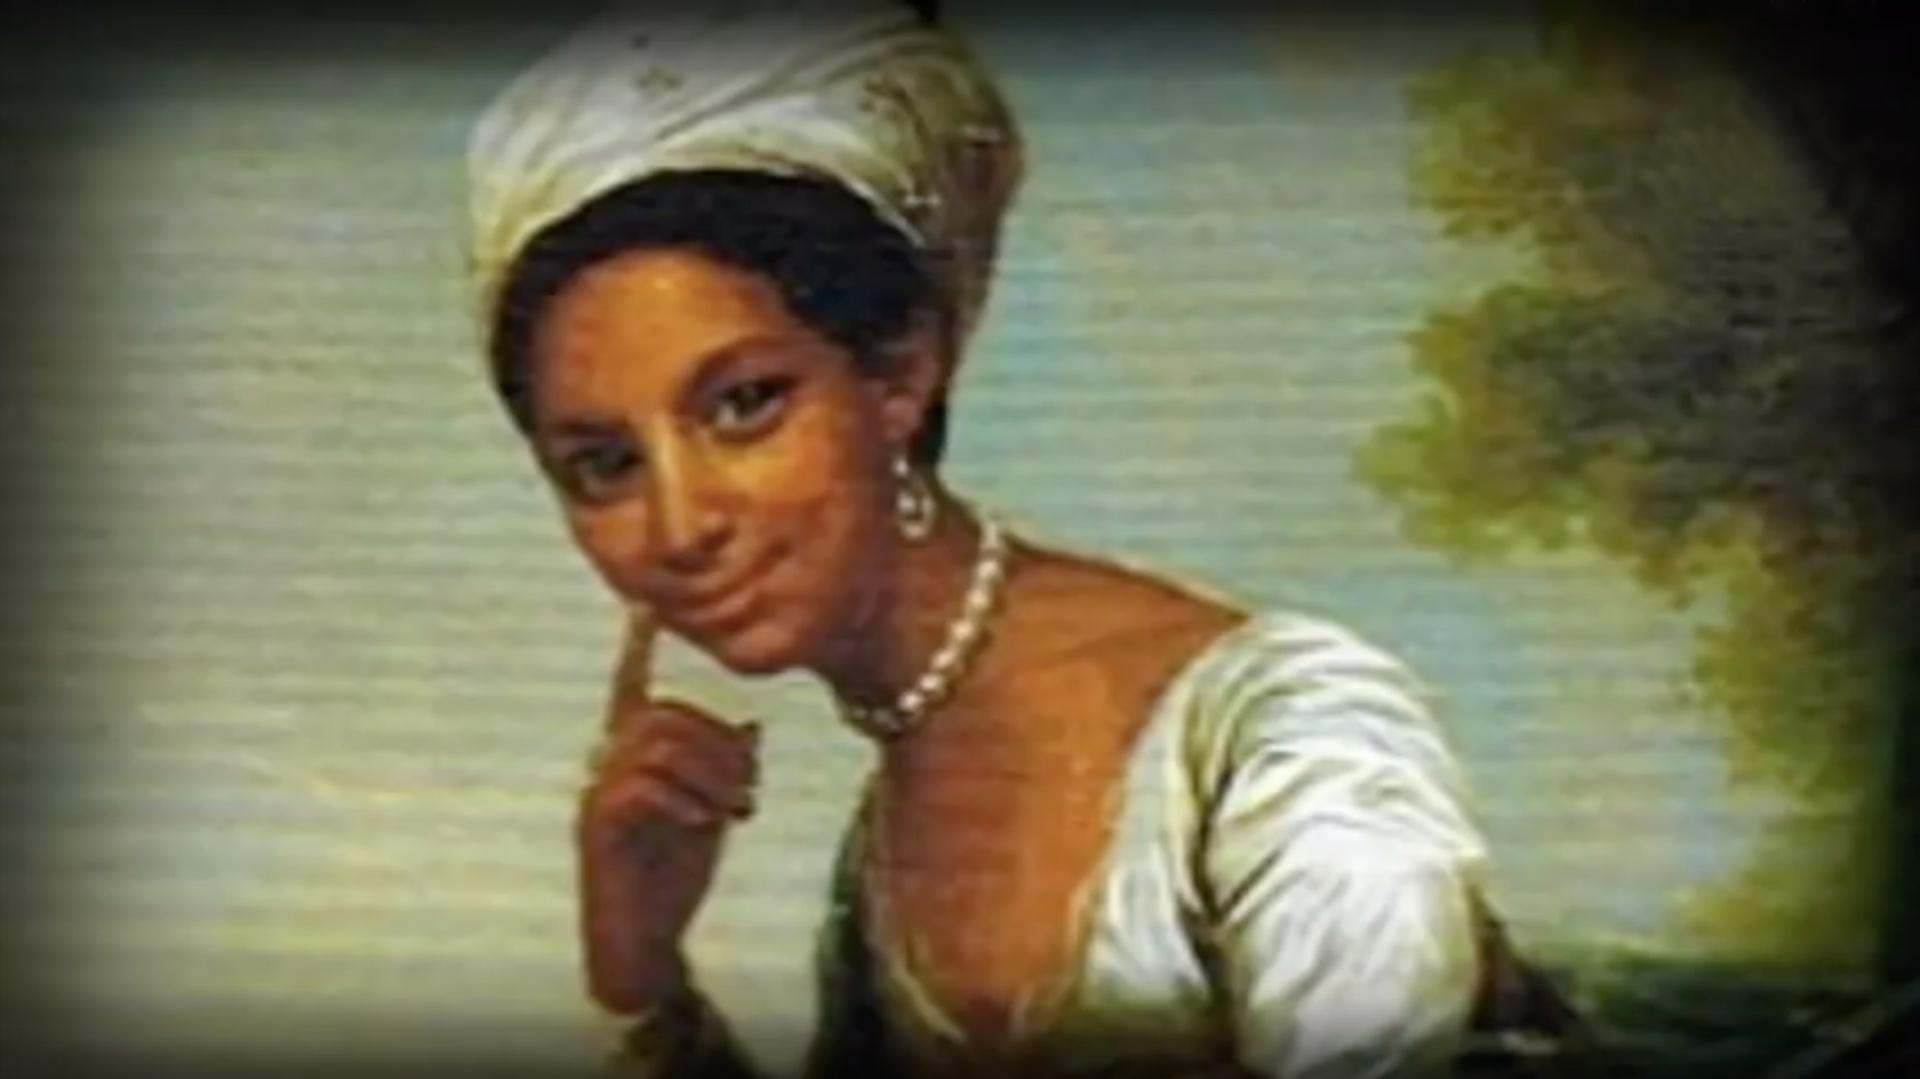 La belleza de Soledad era envidiada por muchas mujeres (Foto: Especial)